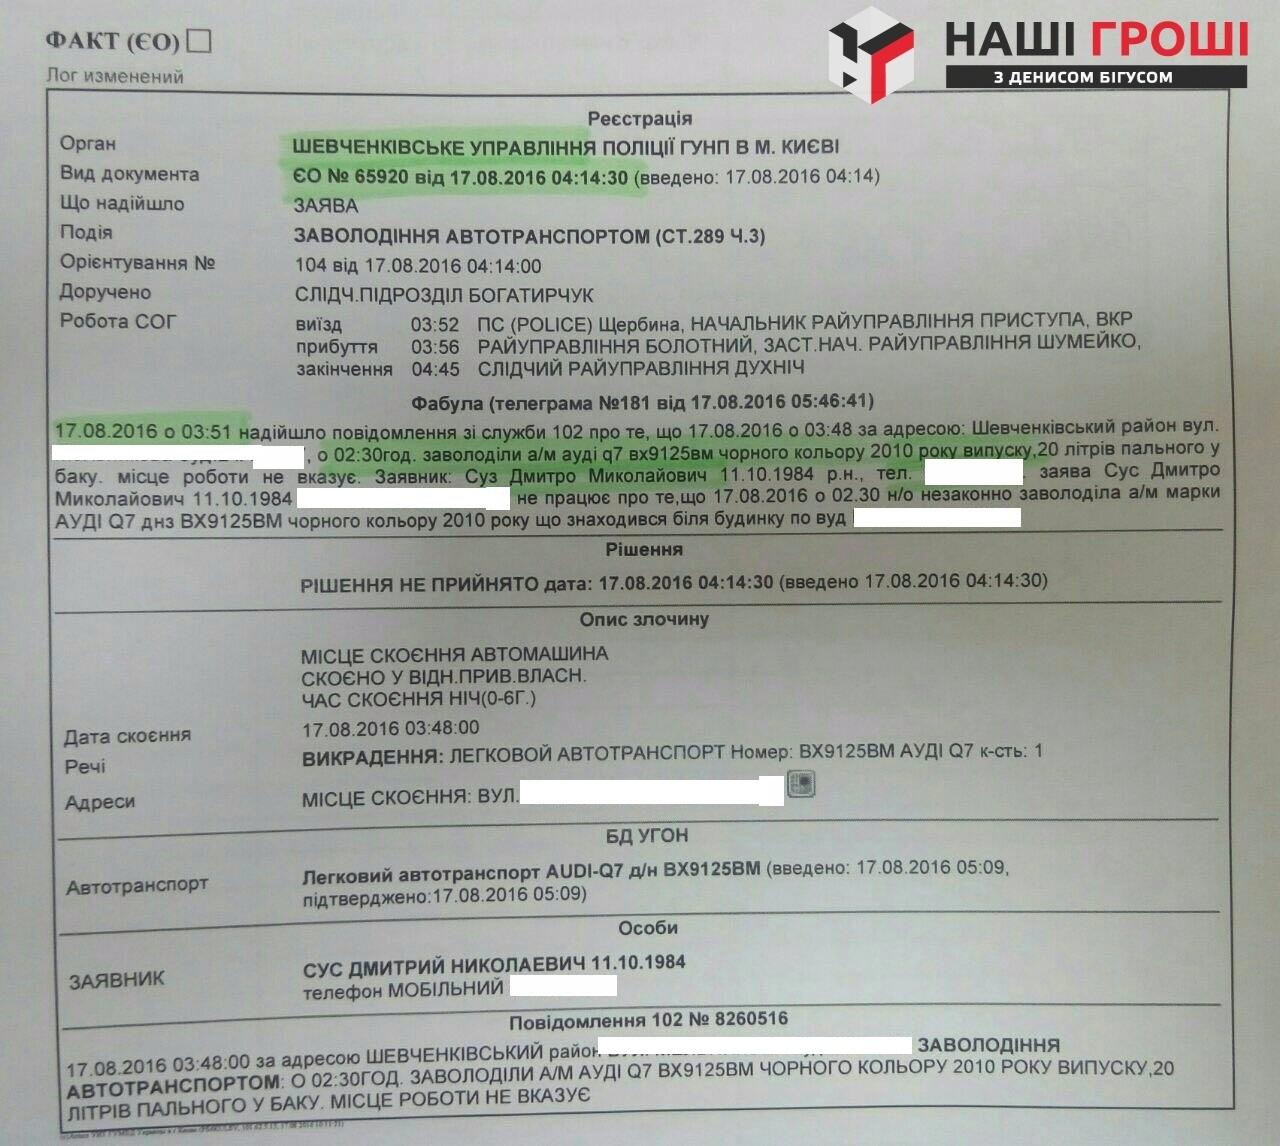 susv-1_zEERJoi